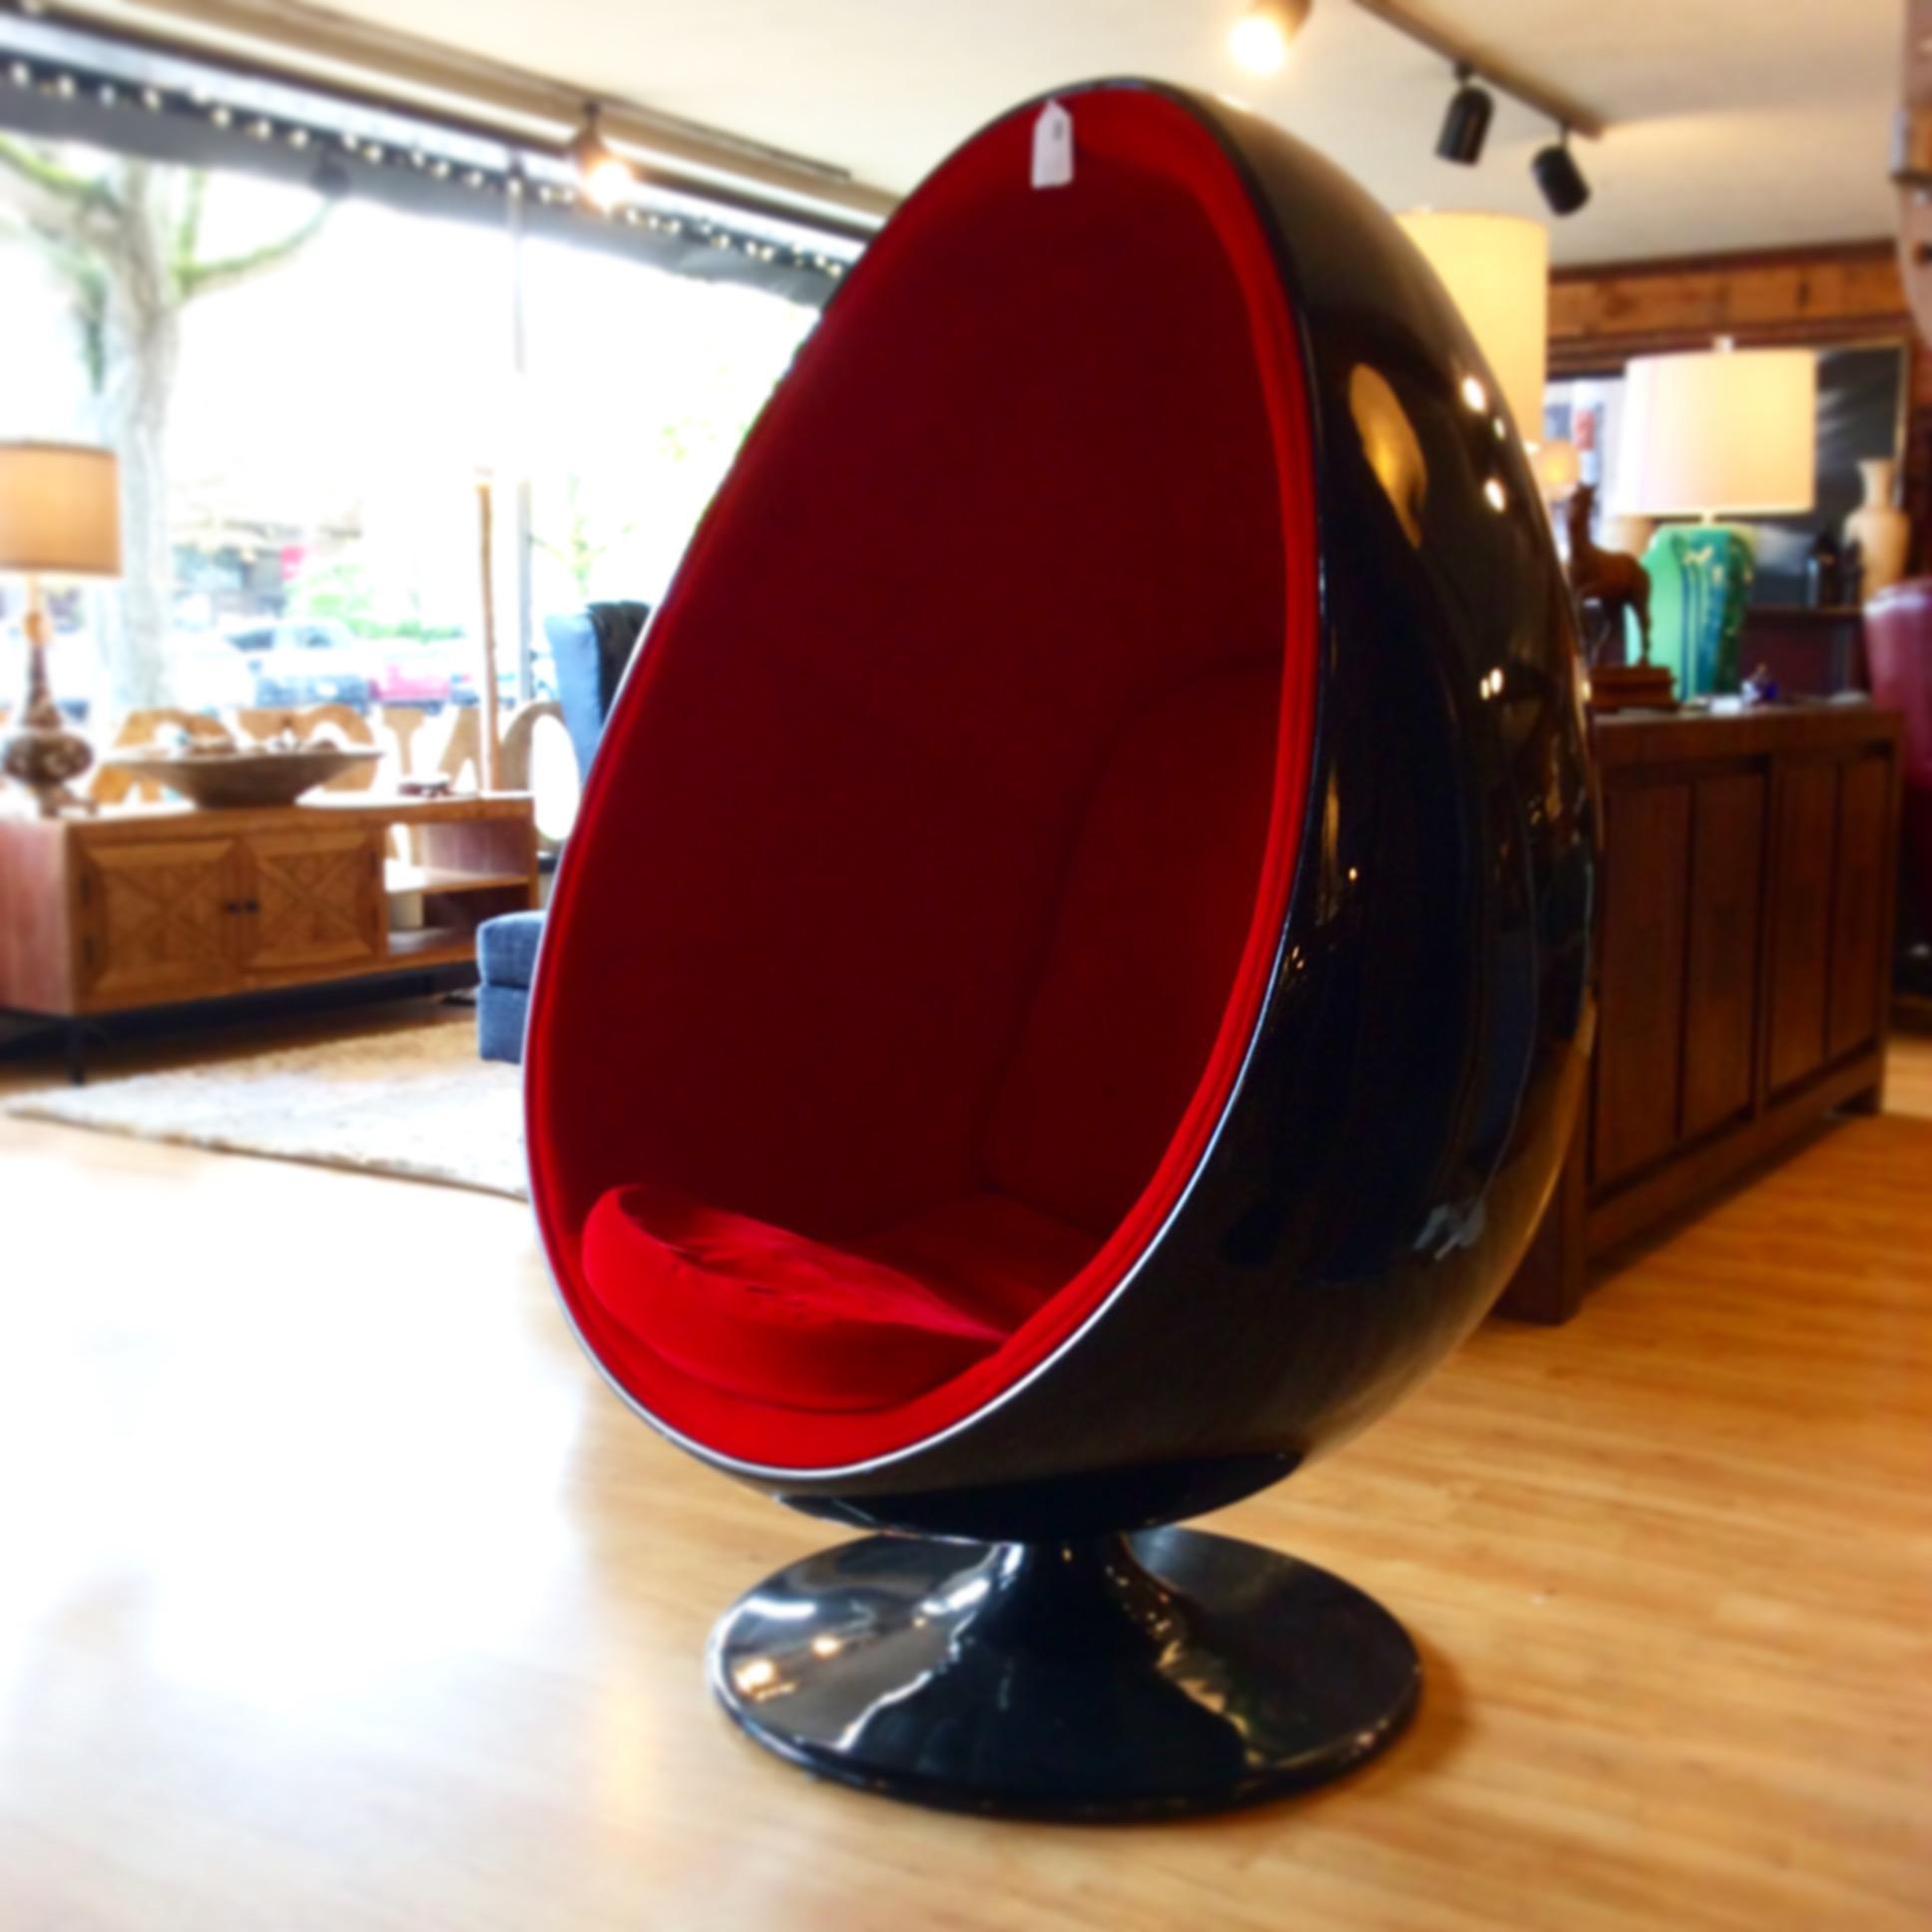 Glossy Black Retro Vintage Inspired Egg Chair With Red Velvet Upholstery  (item#94445)